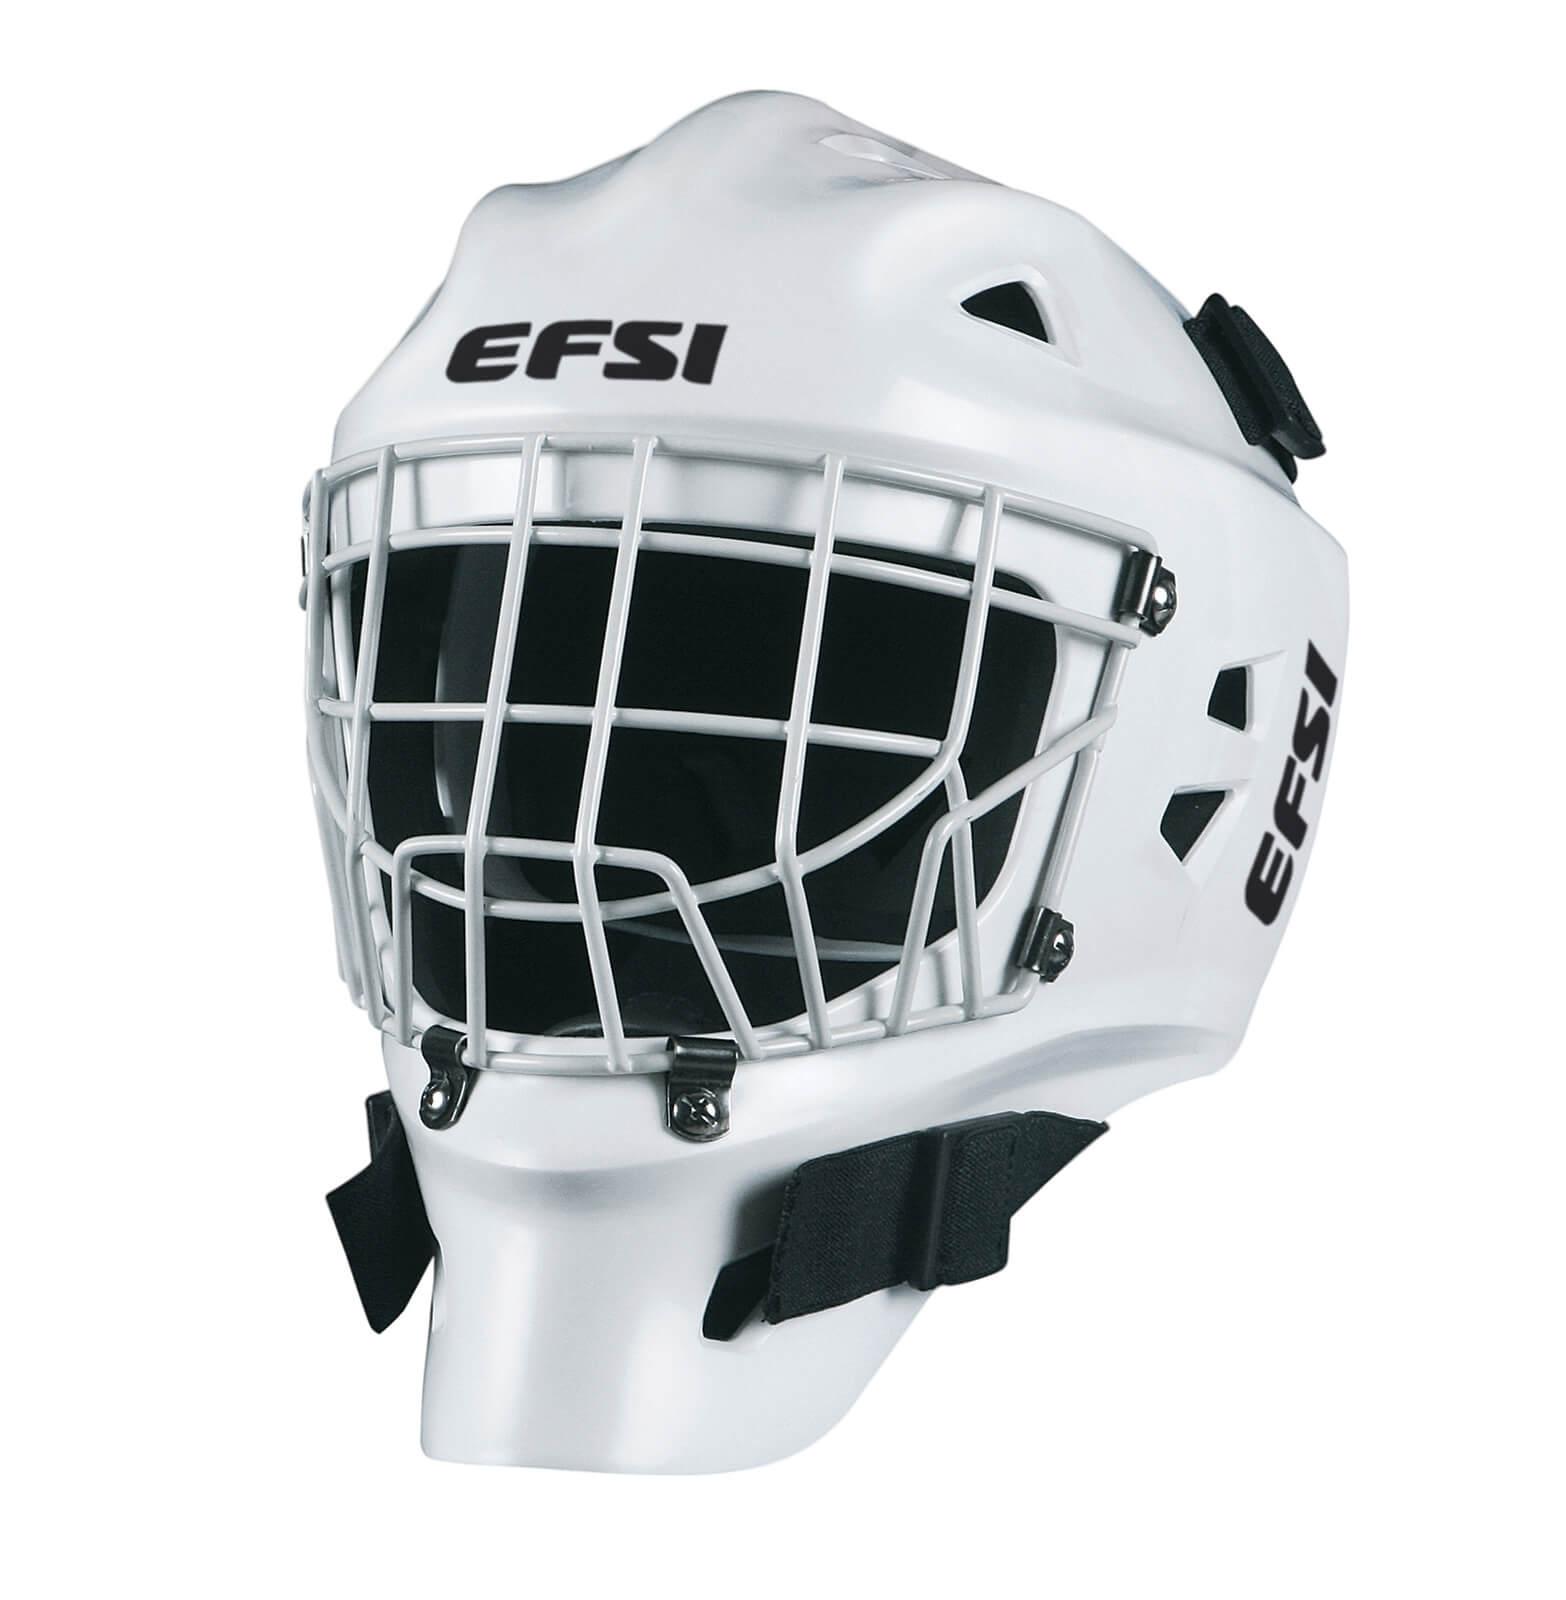 Хоккейный шлем вратаря EFSI TOPGEAR 330